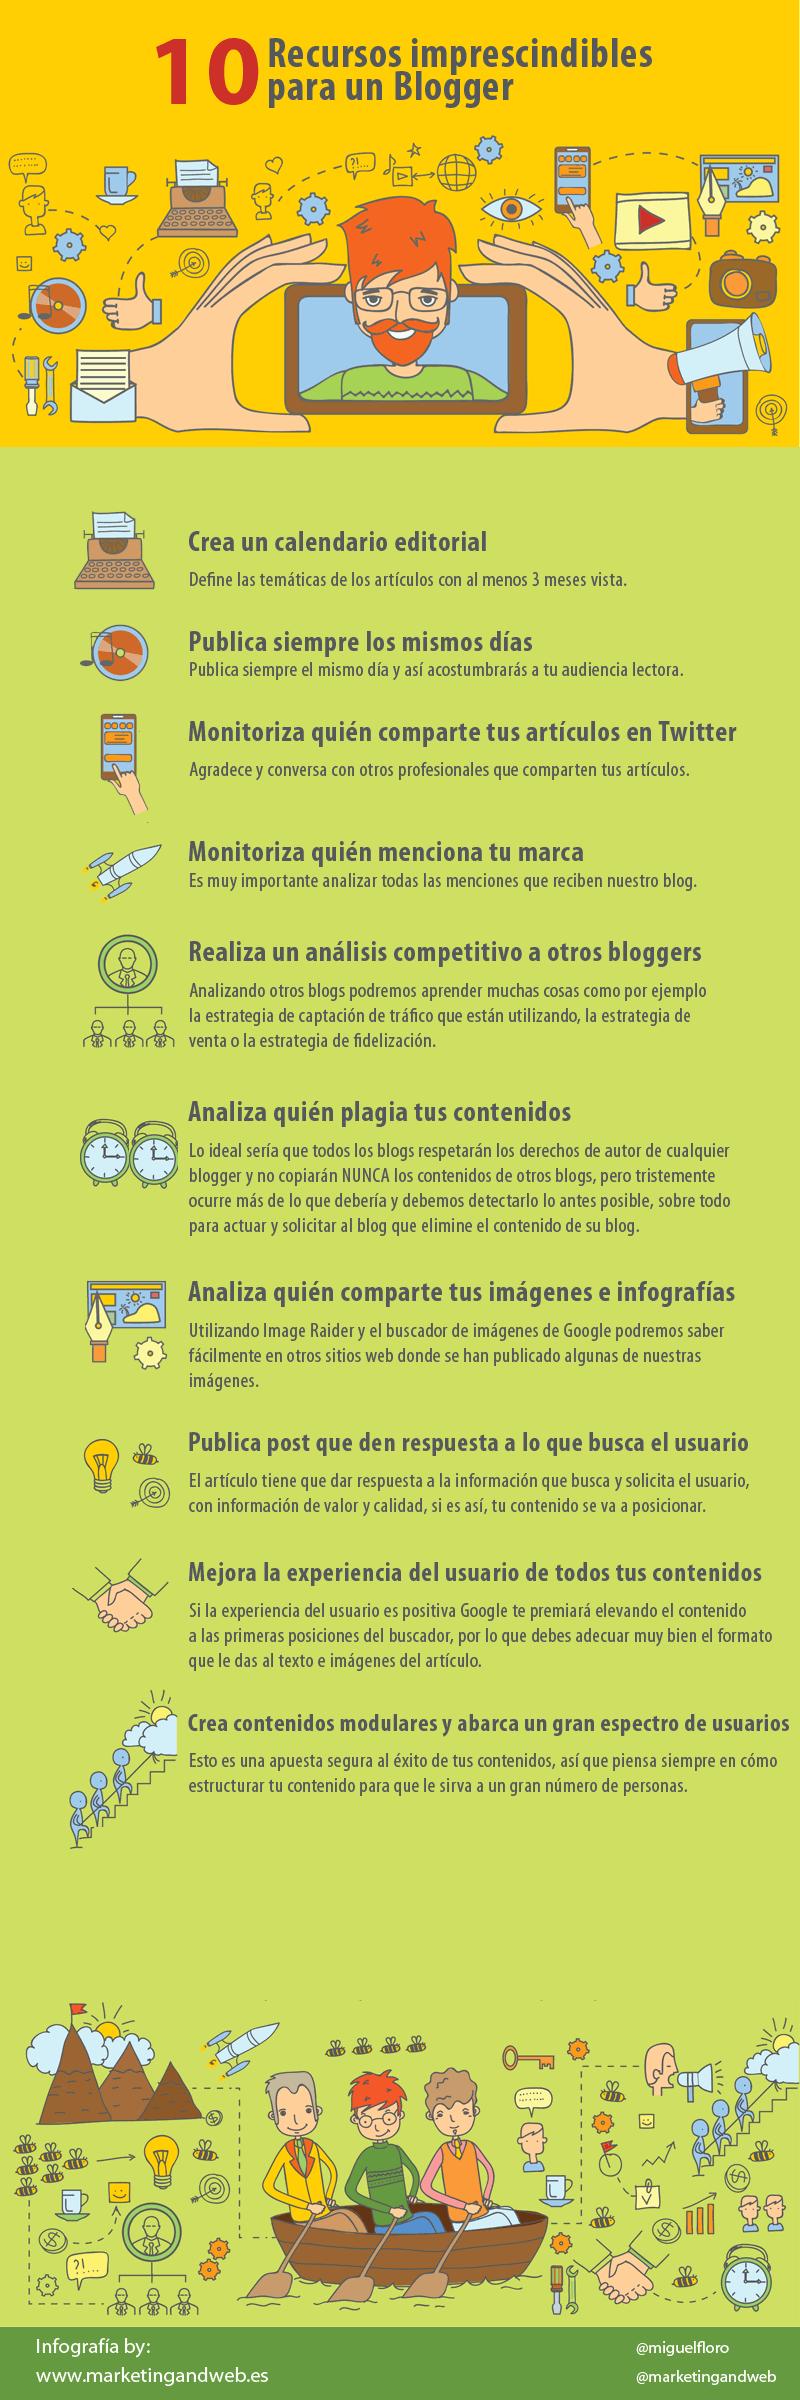 10-recursos-imprescindibles-blogger-infografia